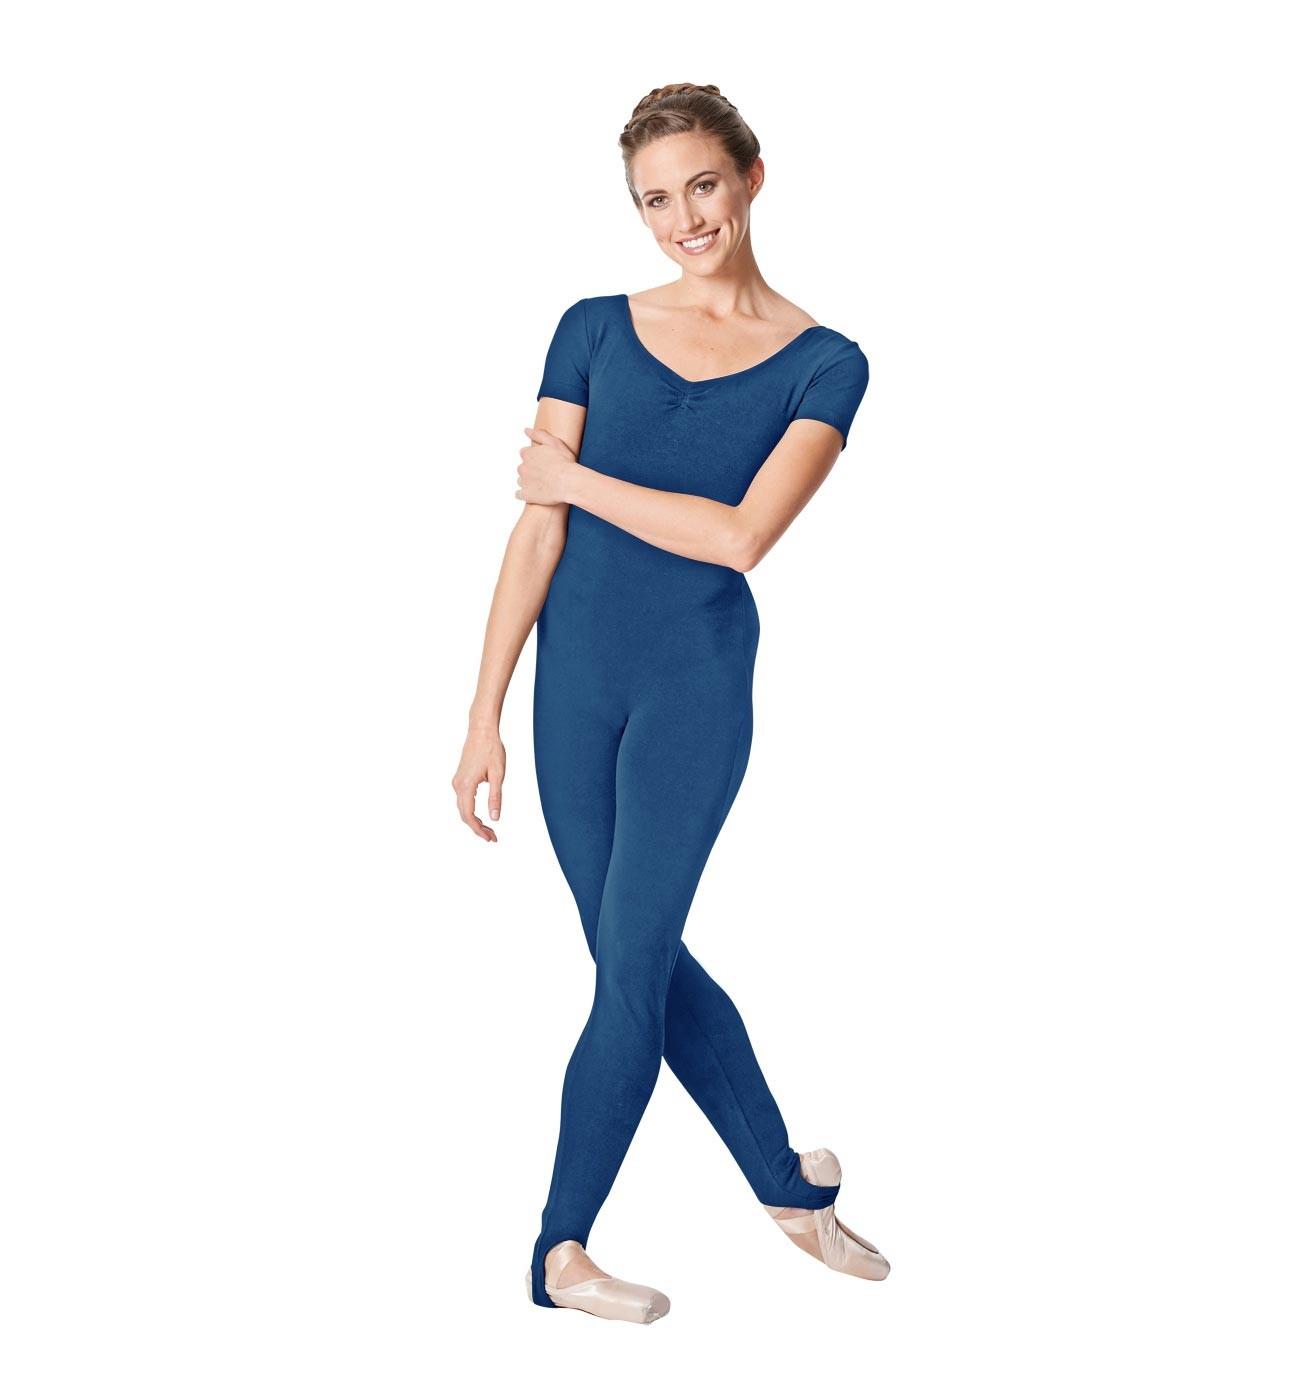 כחול אוברול למחול Winona של Lulli שרוול קצר עם רגלית LUB262